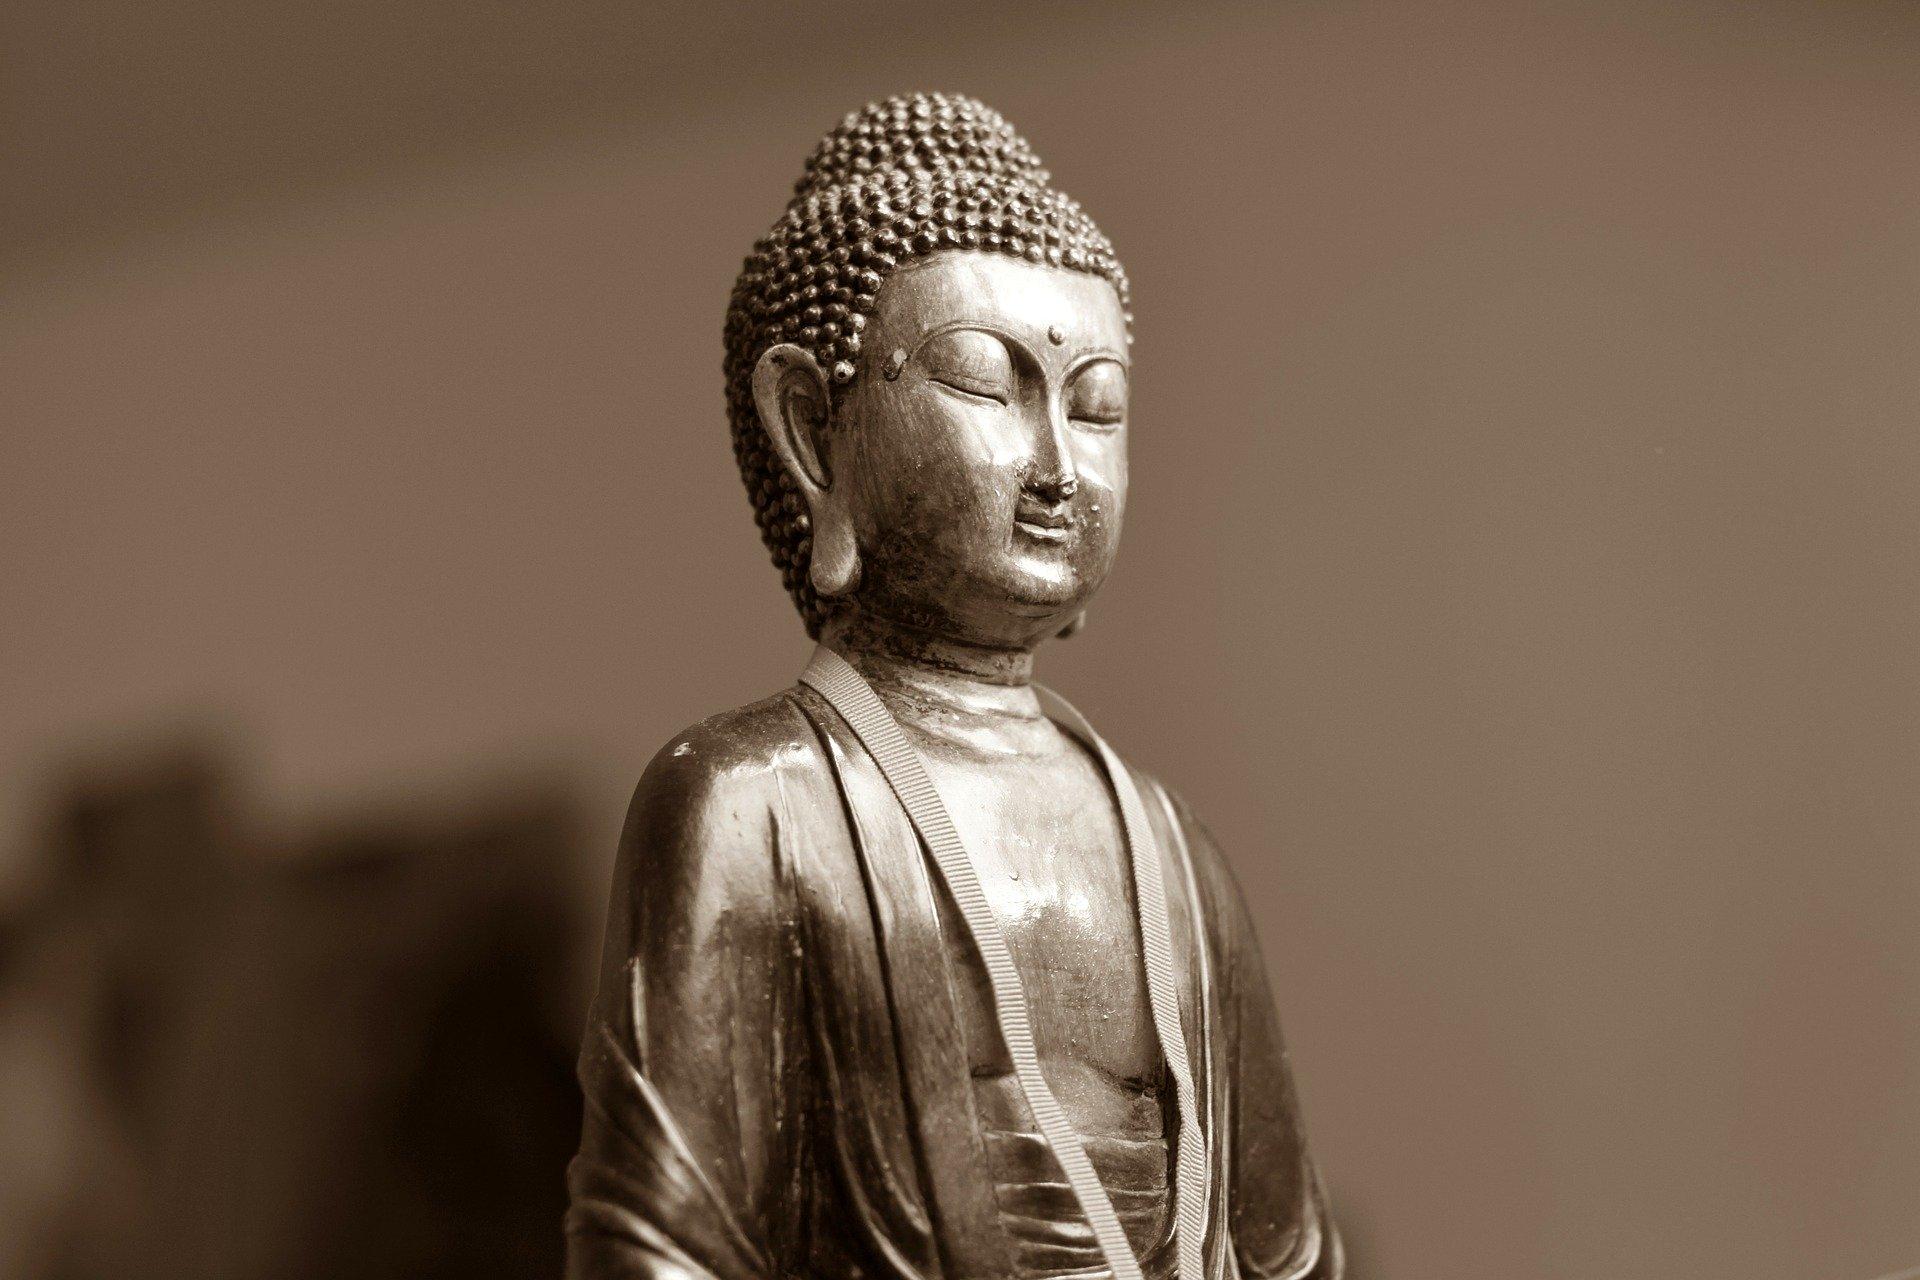 03 - Il terzo consiglio consiste nel meditare sul terzo occhio o sesto chakra